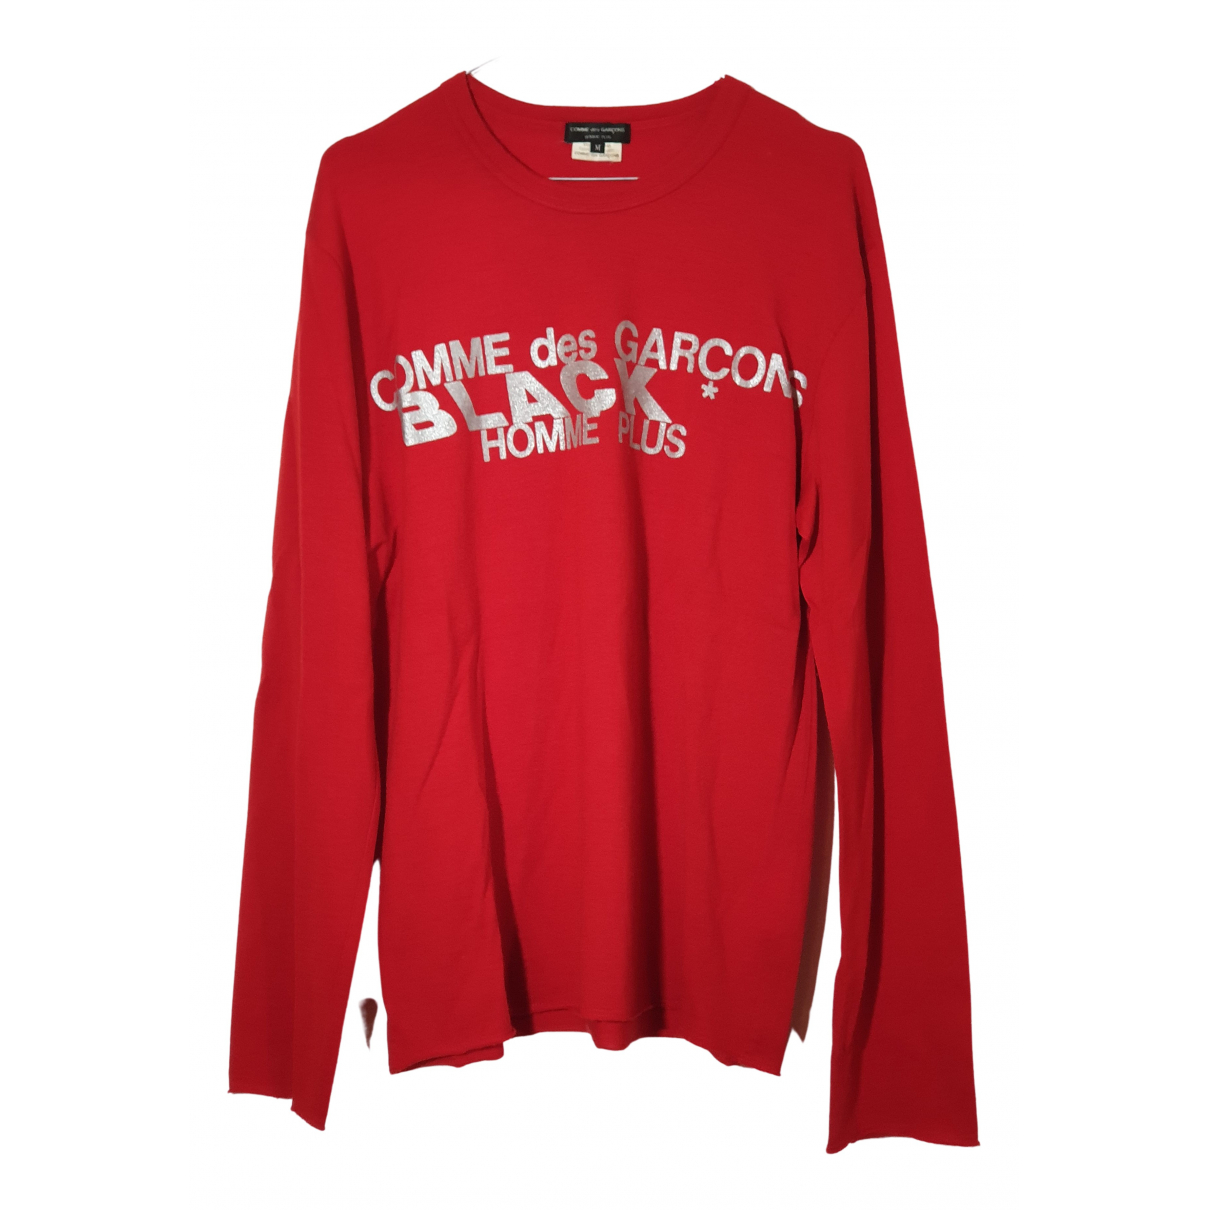 Comme Des Garcons - Tee shirts   pour homme en coton - rouge